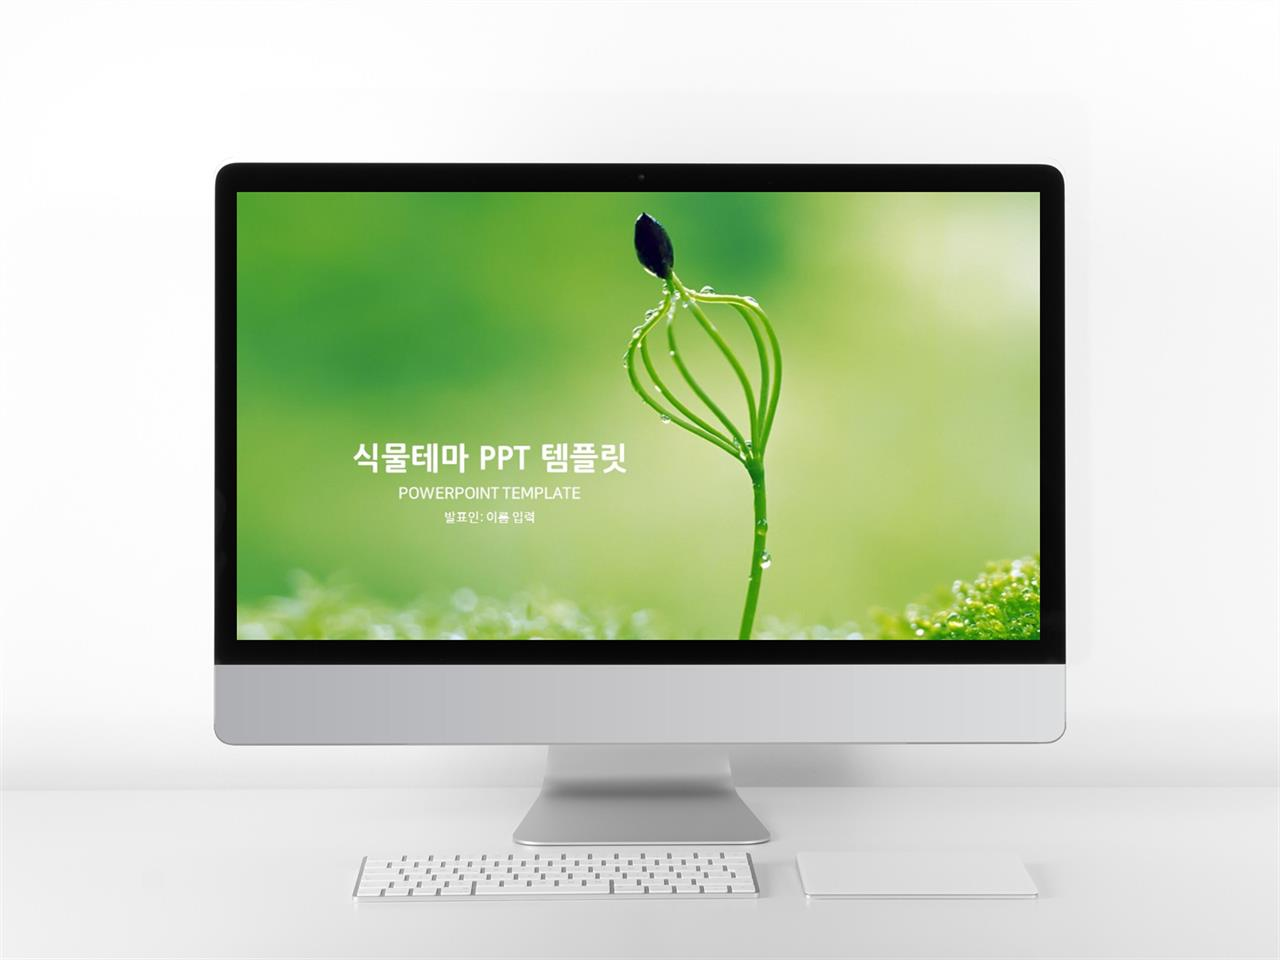 동식물, 애완동물 풀색 단아한 고급스럽운 피피티서식 사이트 미리보기